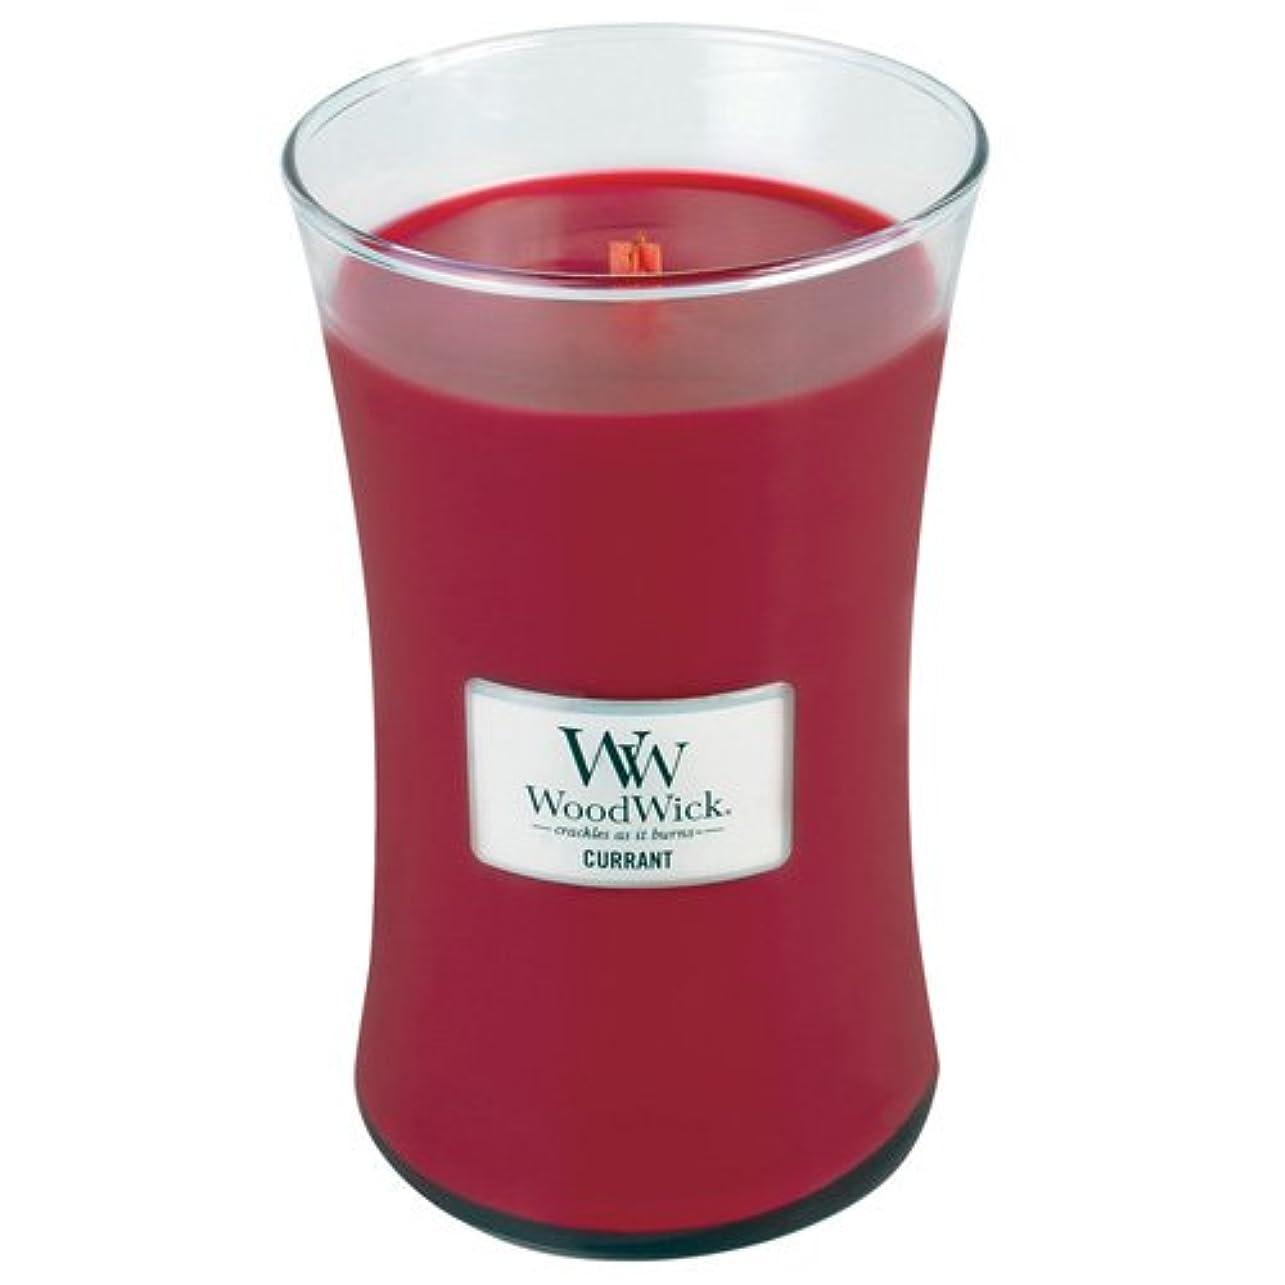 ヒューム揮発性ジャズWoodwick Jar Candle (Large) (Currant)